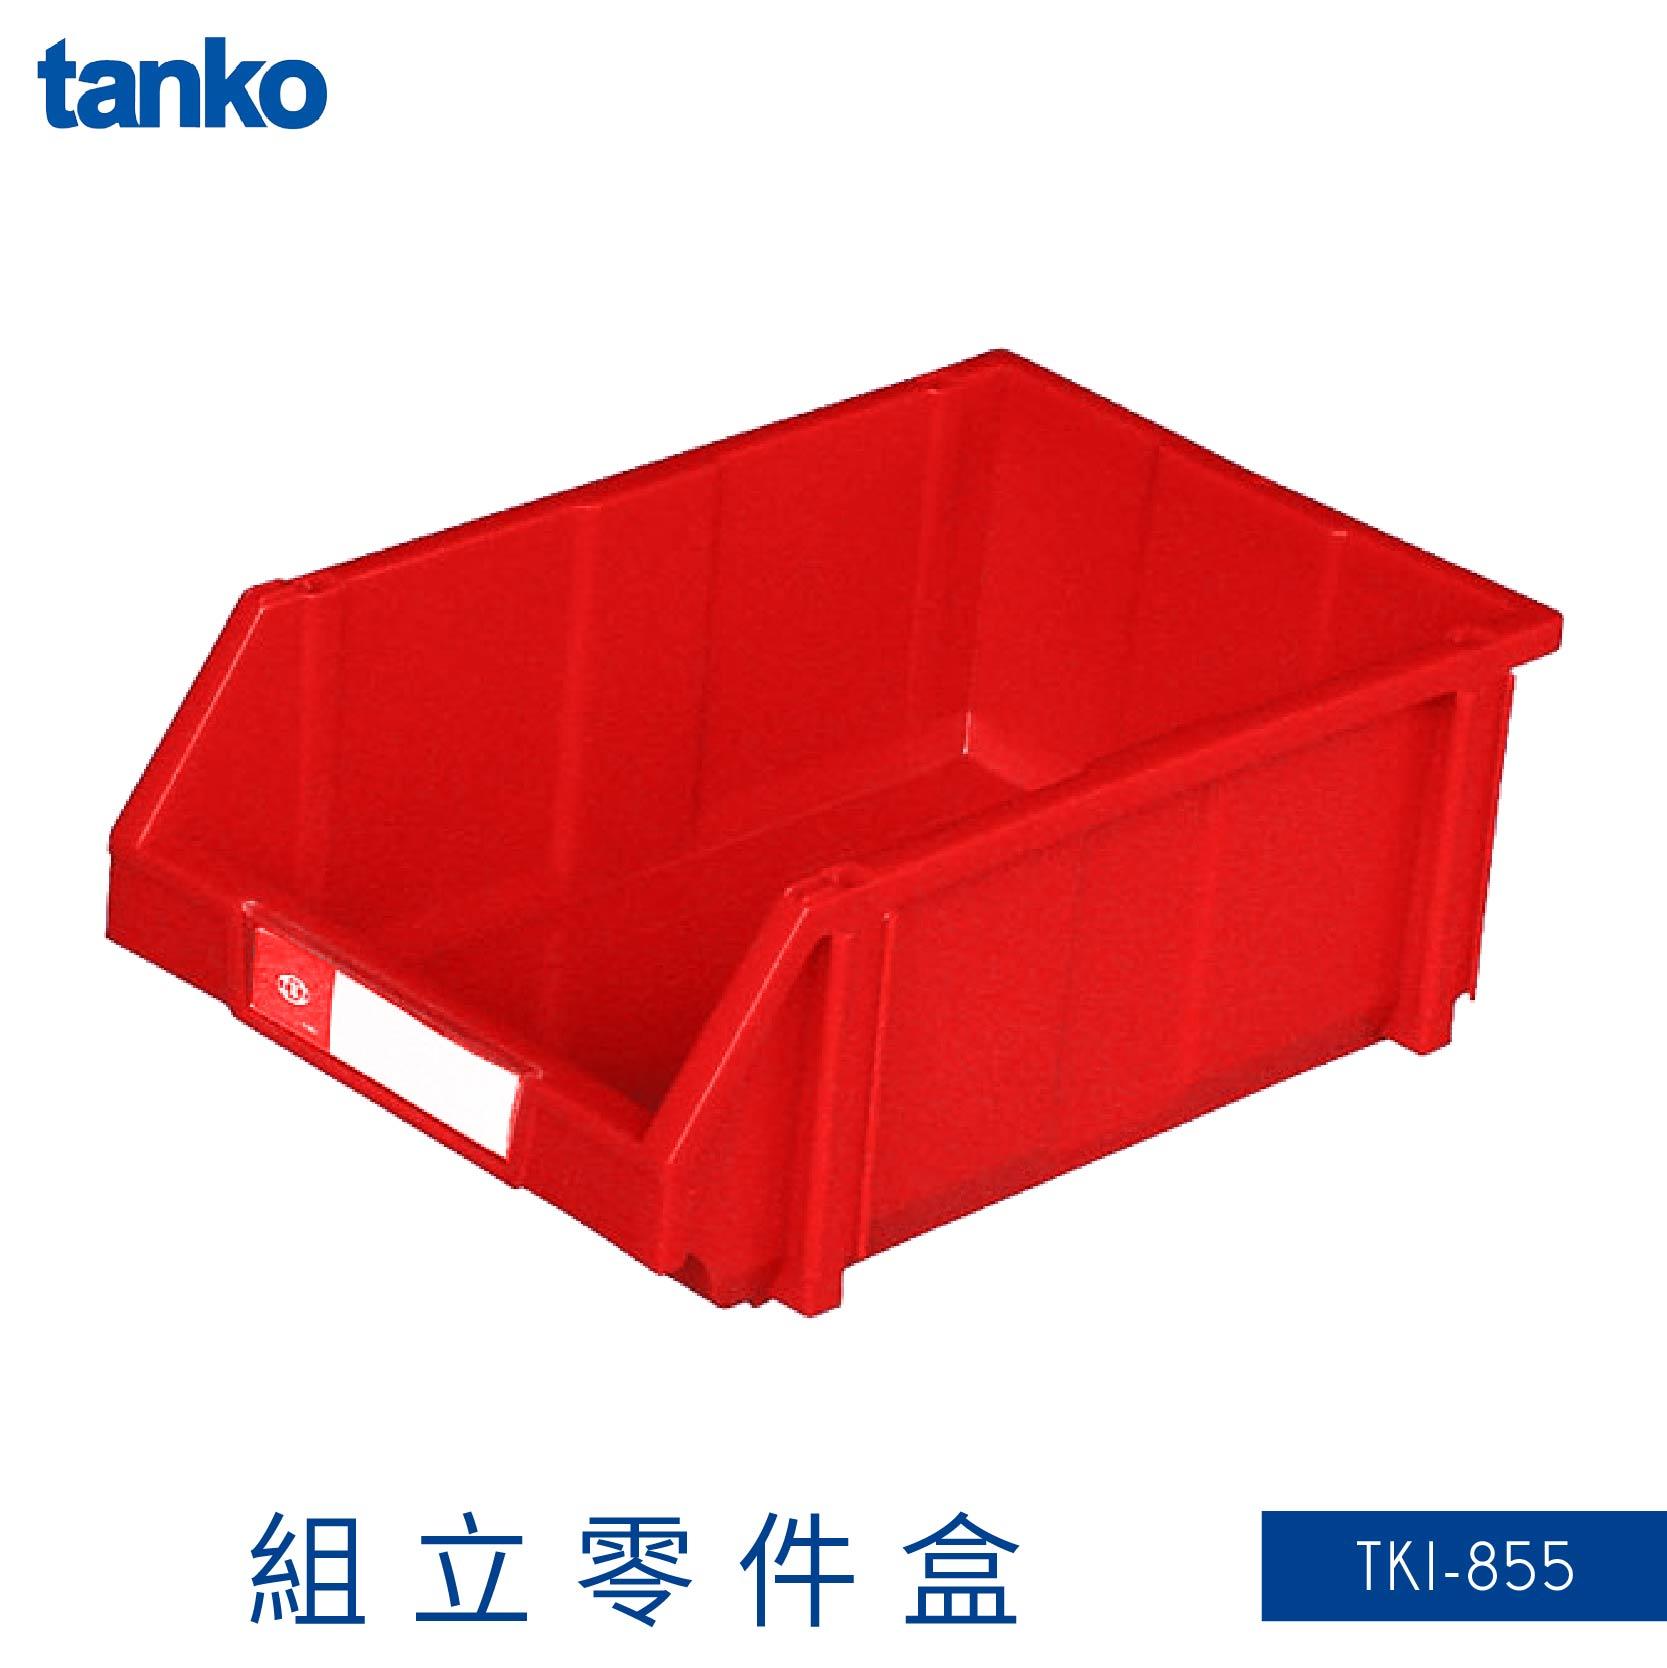 【堅固耐用】天鋼 TKI-855 紅 組立零件盒 耐衝擊 整理盒 車行 維修廠 收納盒 分類盒零件櫃 置物盒 零件箱